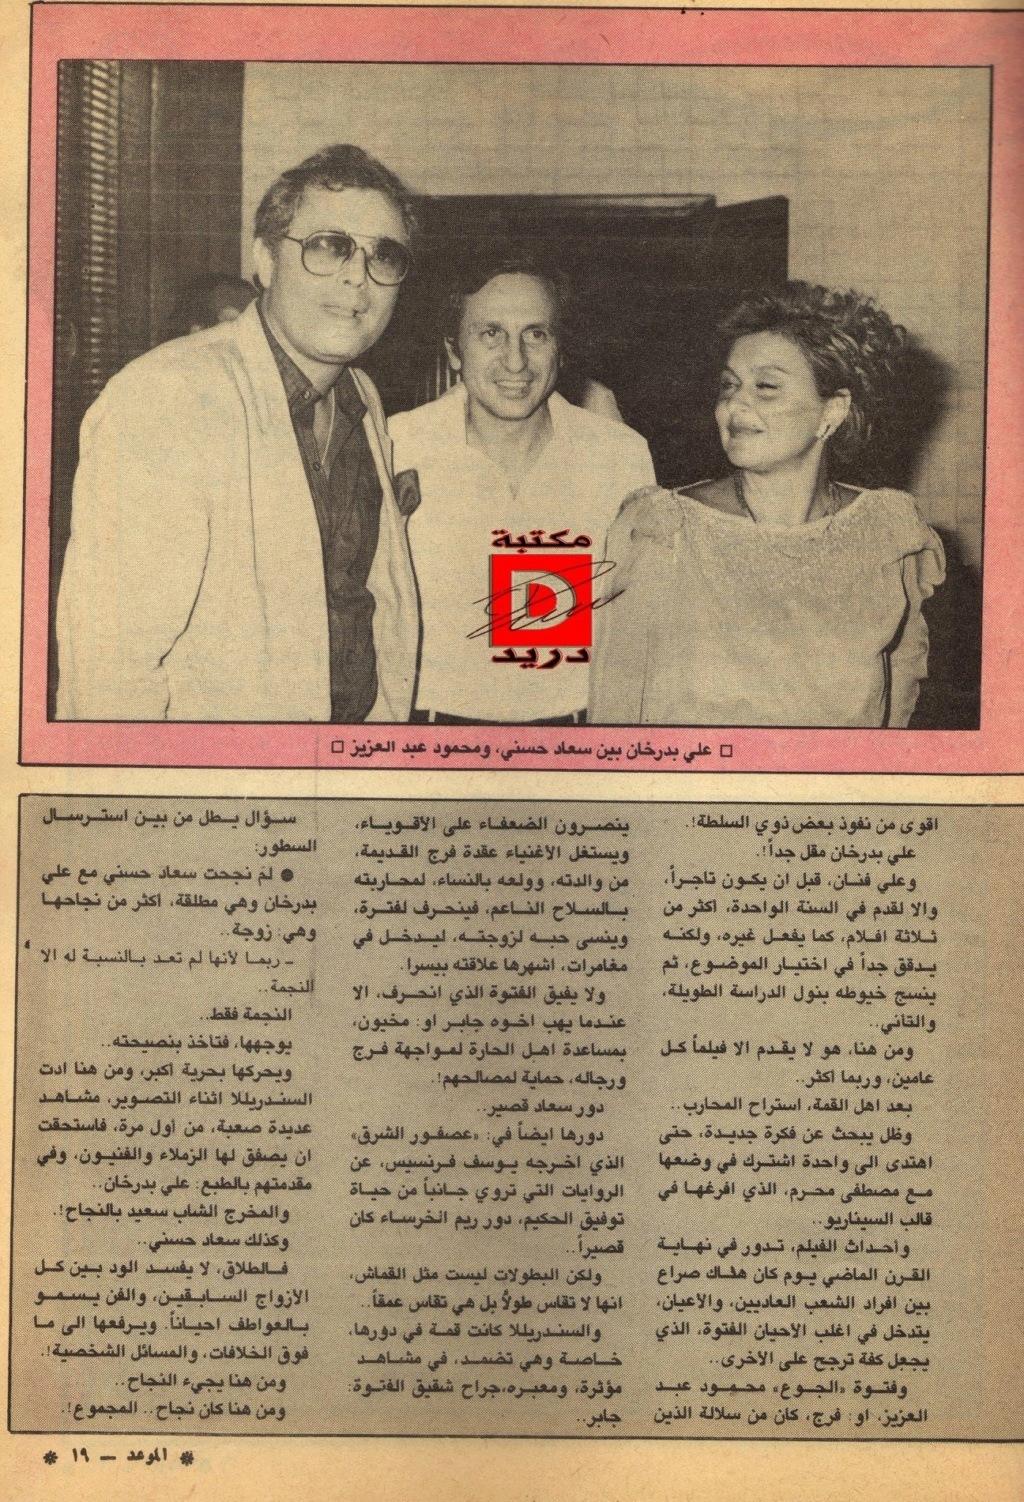 مقال صحفي : سعاد حسني .. لماذا تنجح دائماً في افلام مطلقها ؟ 1986 م 416